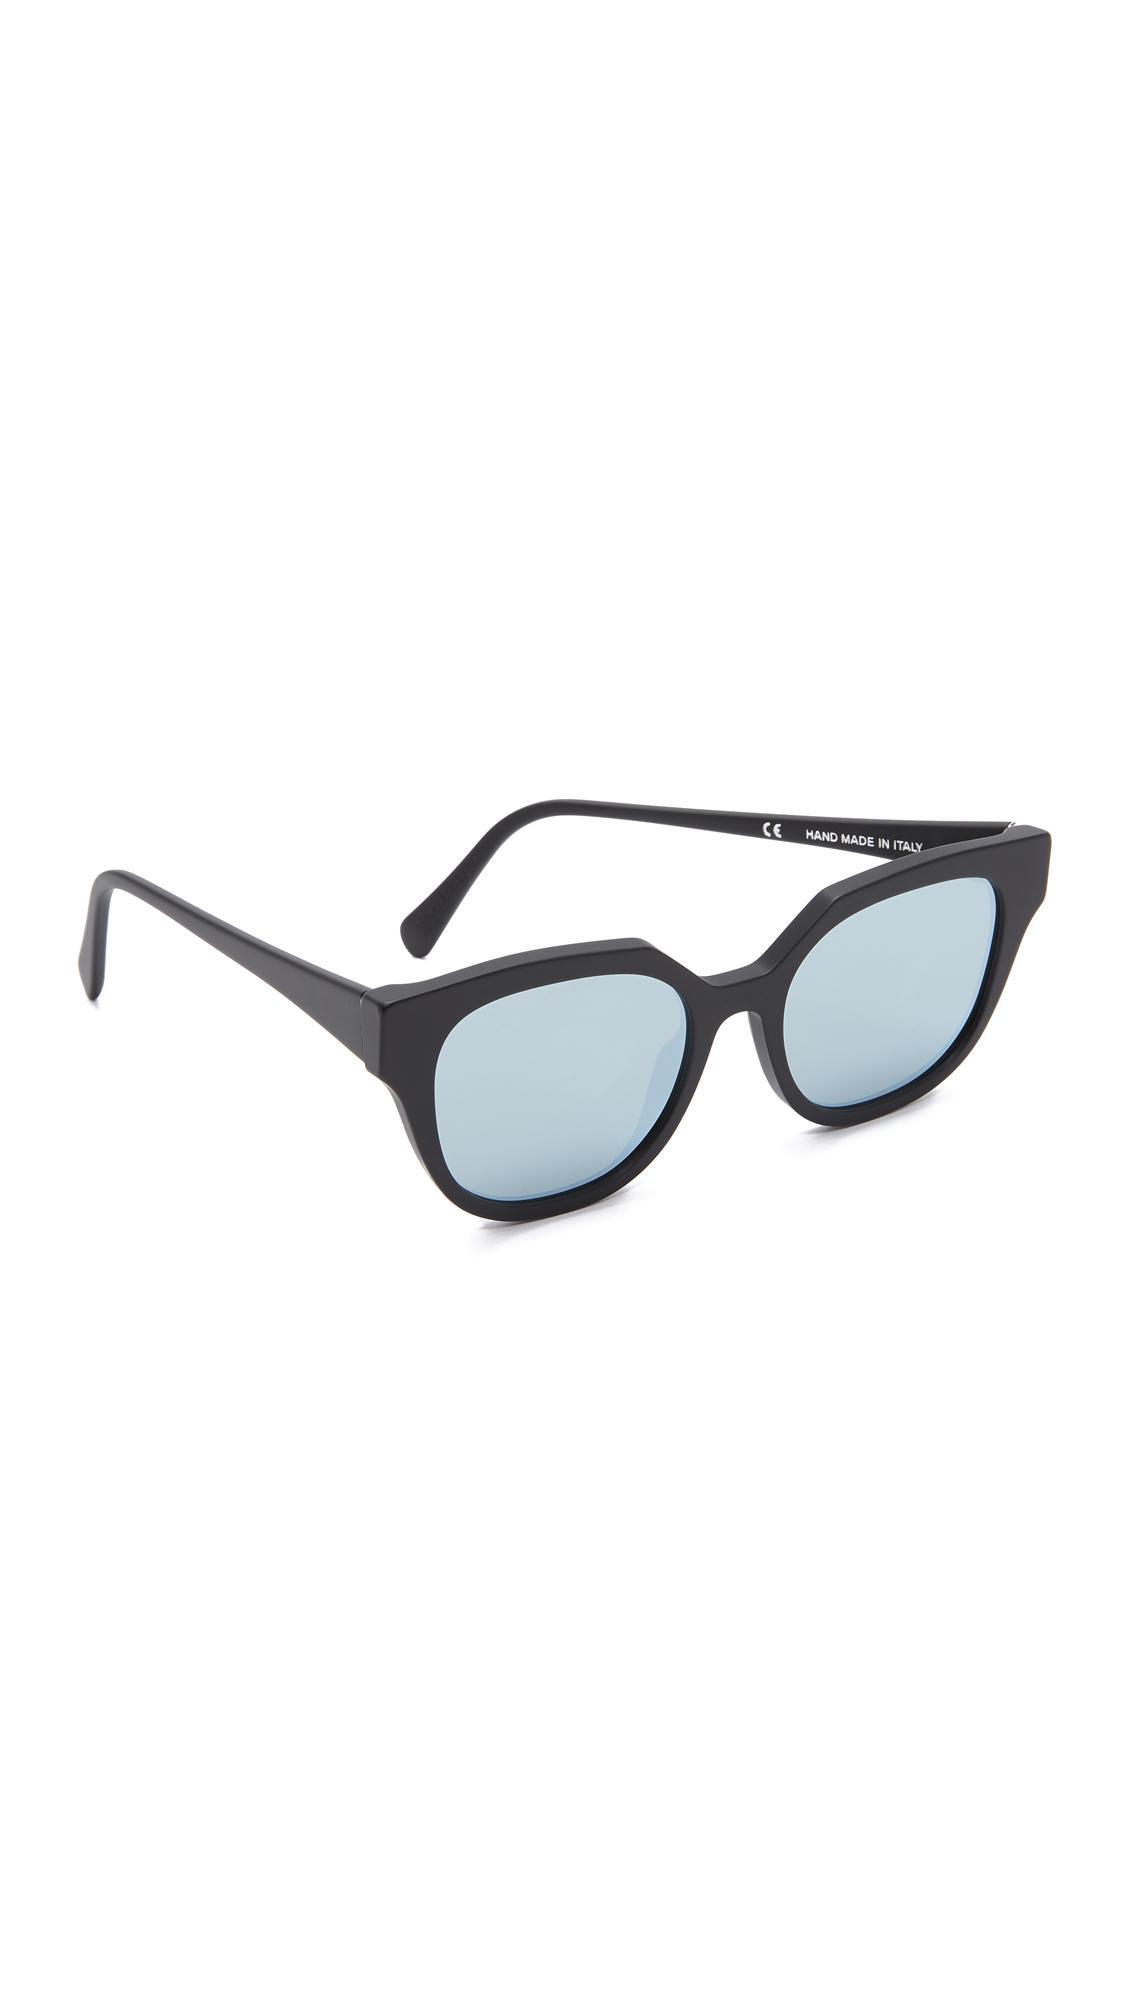 Zizza Zero sunglasses - Black Retro Superfuture 5W9Ggv9RNi